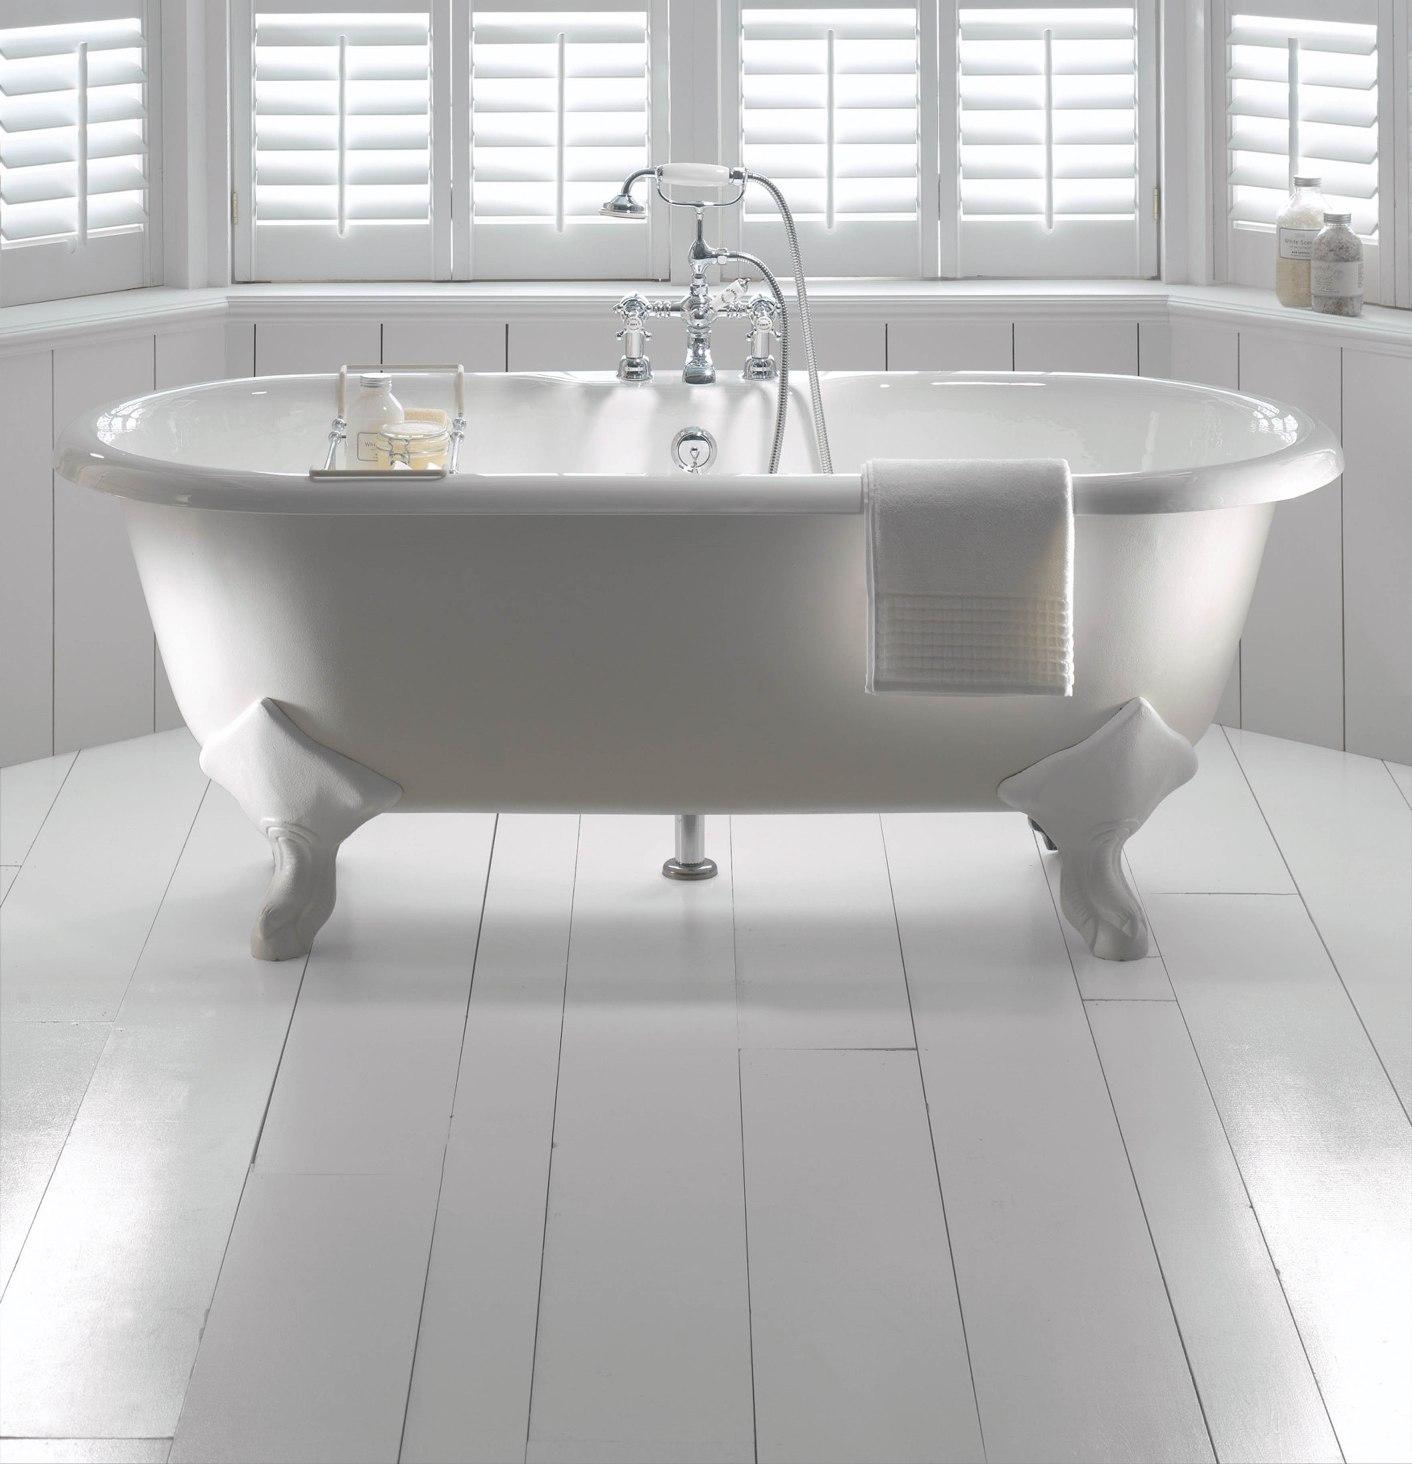 postaplan = antike gusseisen badewanne ~ badewanne design, Hause ideen